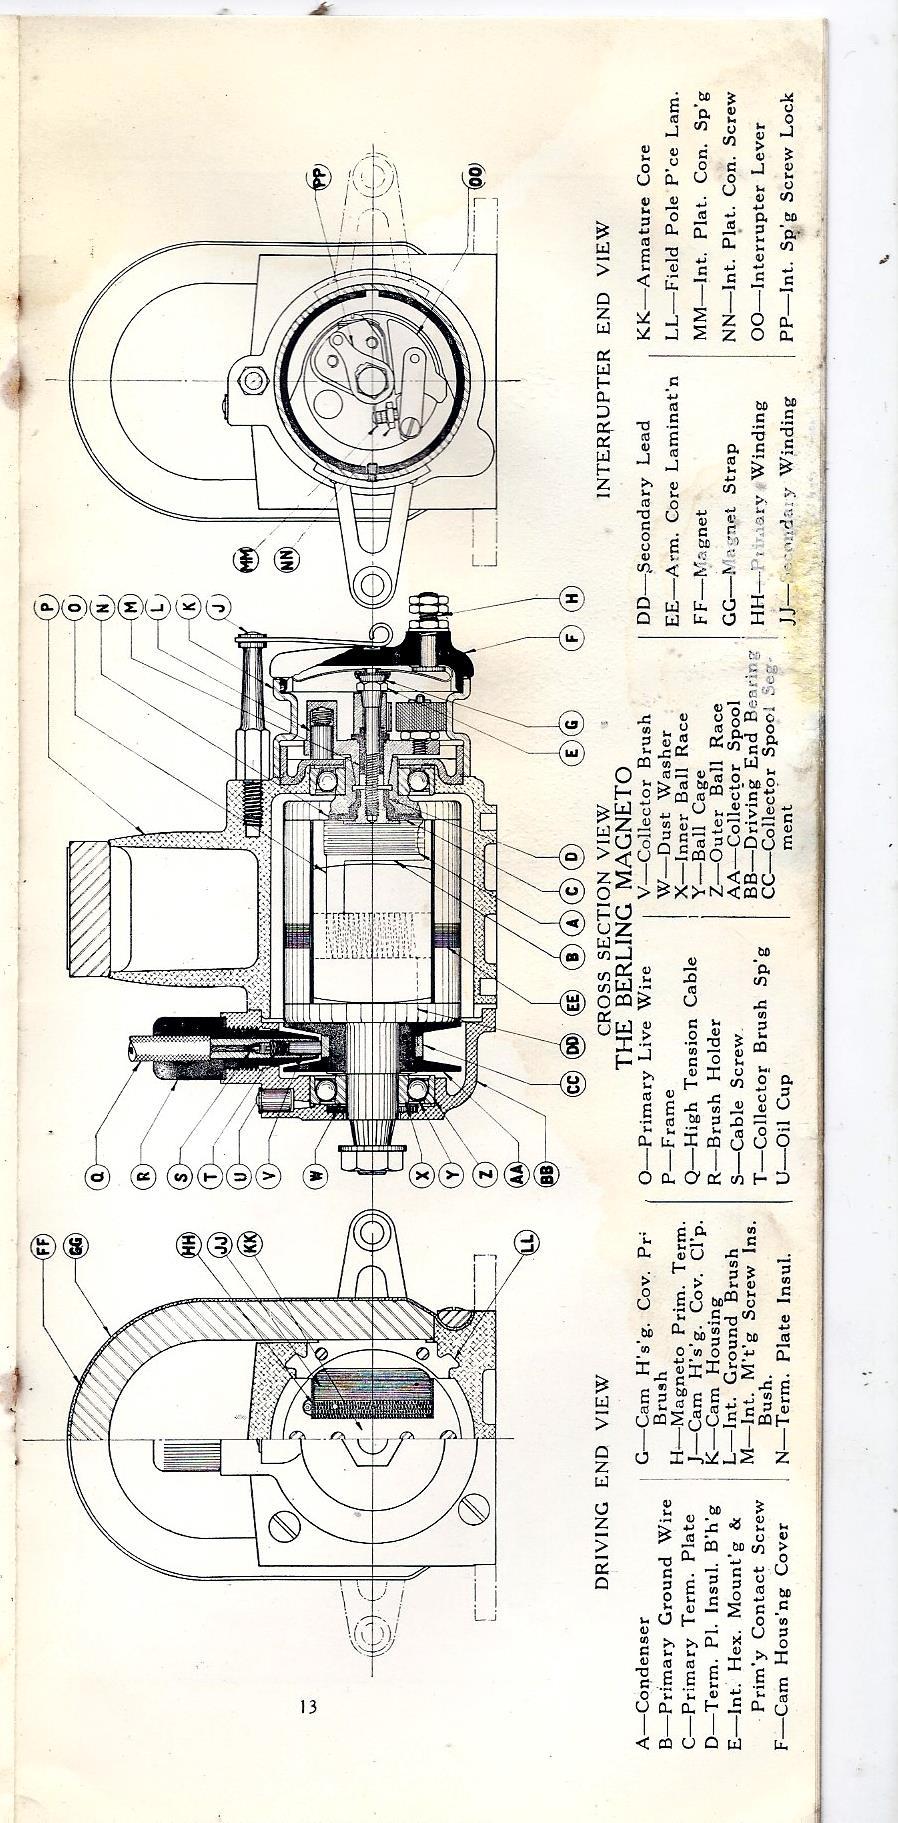 Wiring Diagram Oreck Xl2 Libraries Pri Libraryberling Types S Magneto Manual